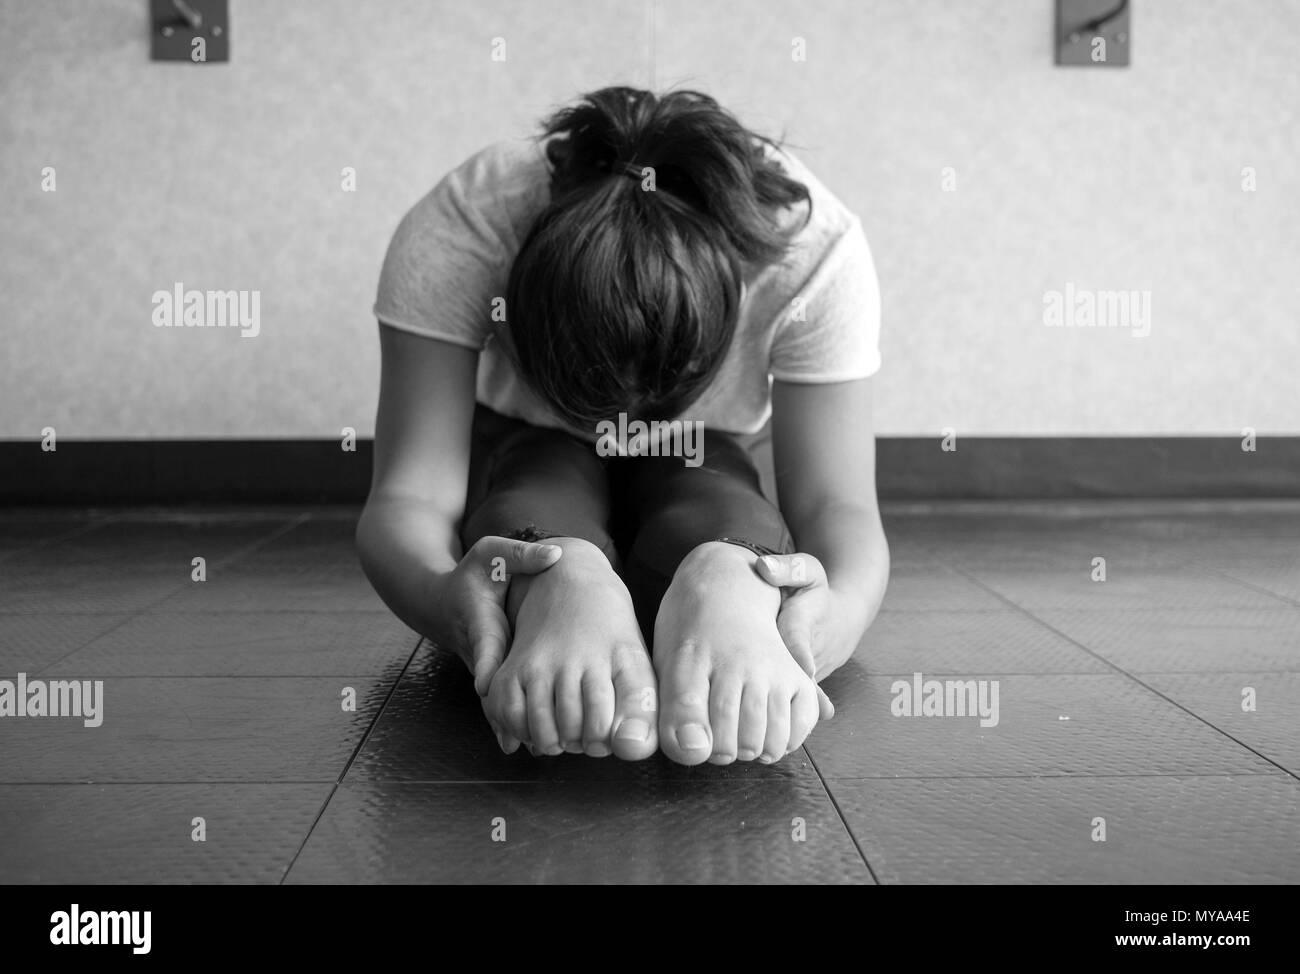 Versión en blanco y negro de una joven interpretando y Sit and Reach para estirar el tendón de la corva y aumentan la flexibilidad. Imagen De Stock